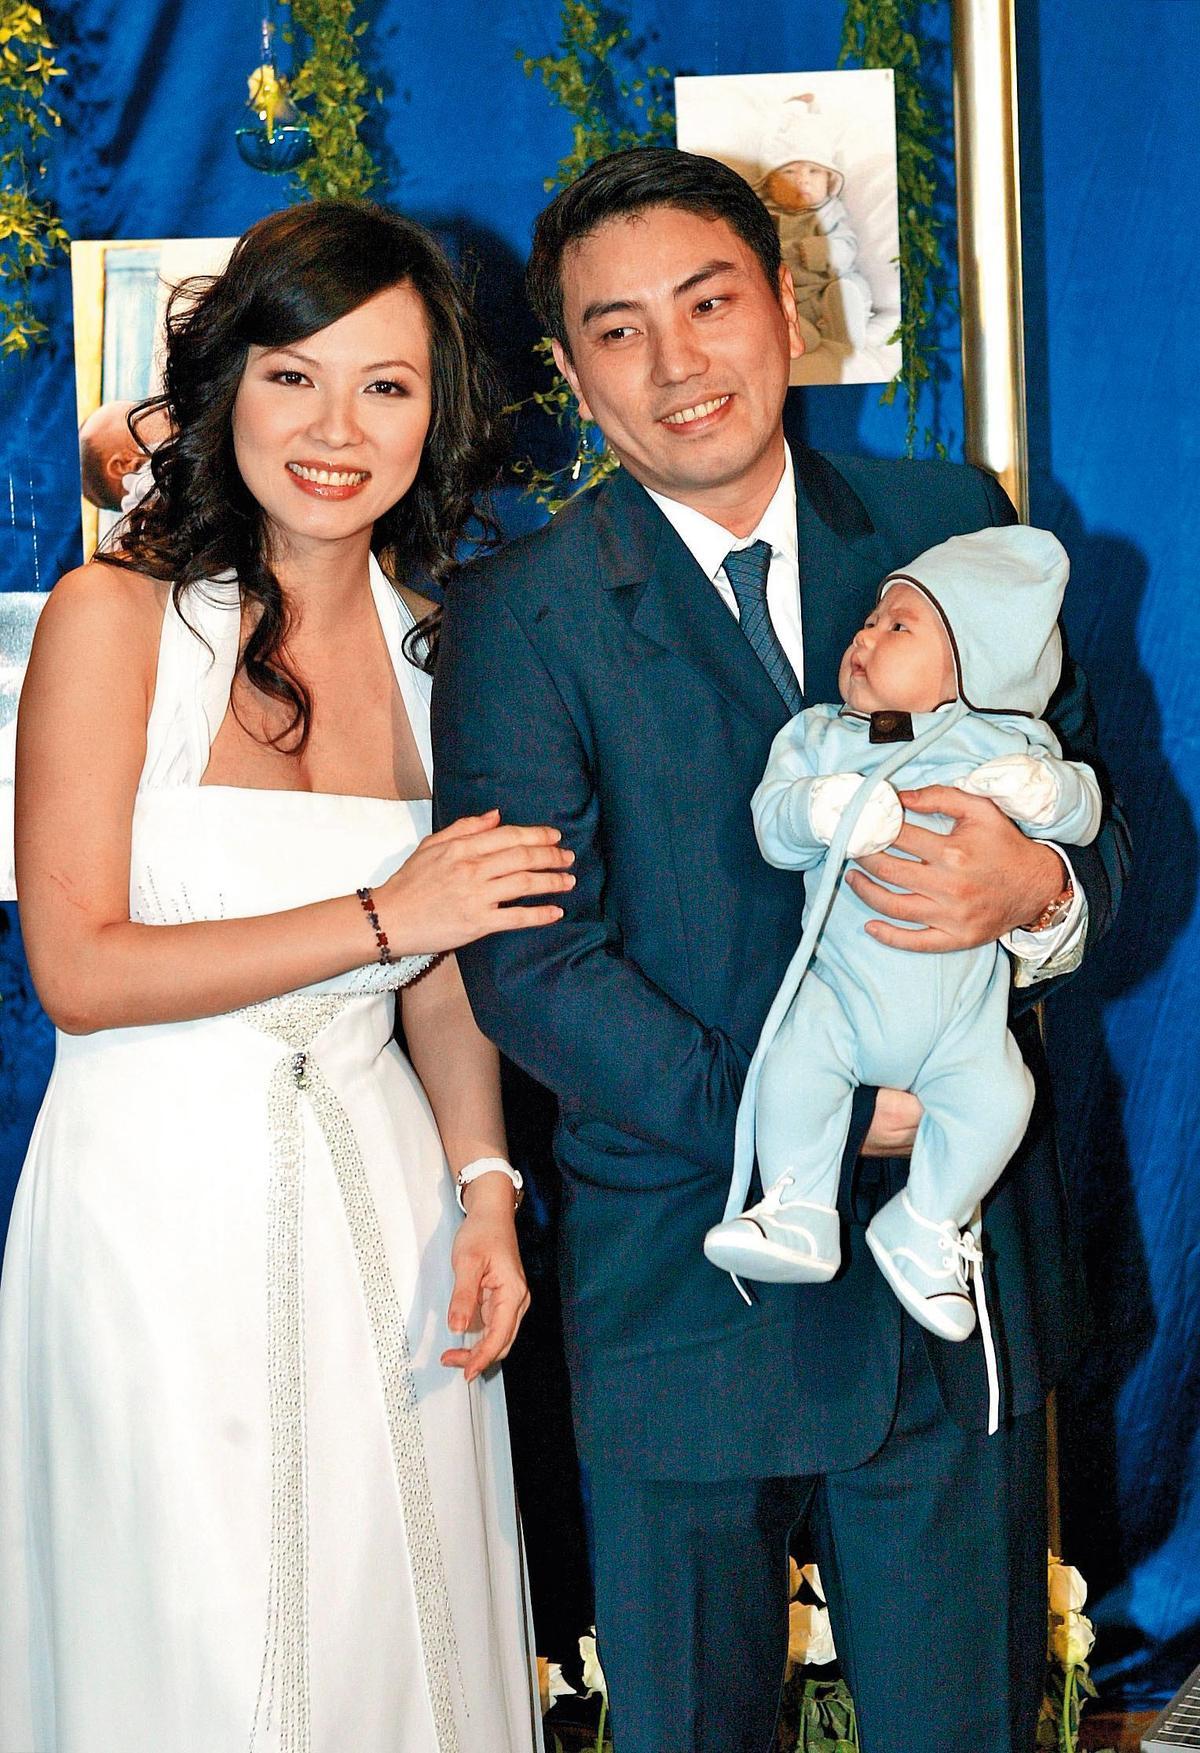 雖然陳孝萱與詹仁雄的婚姻短命,但離婚後男方也提供金援,把兒子給養大。(東方IC)